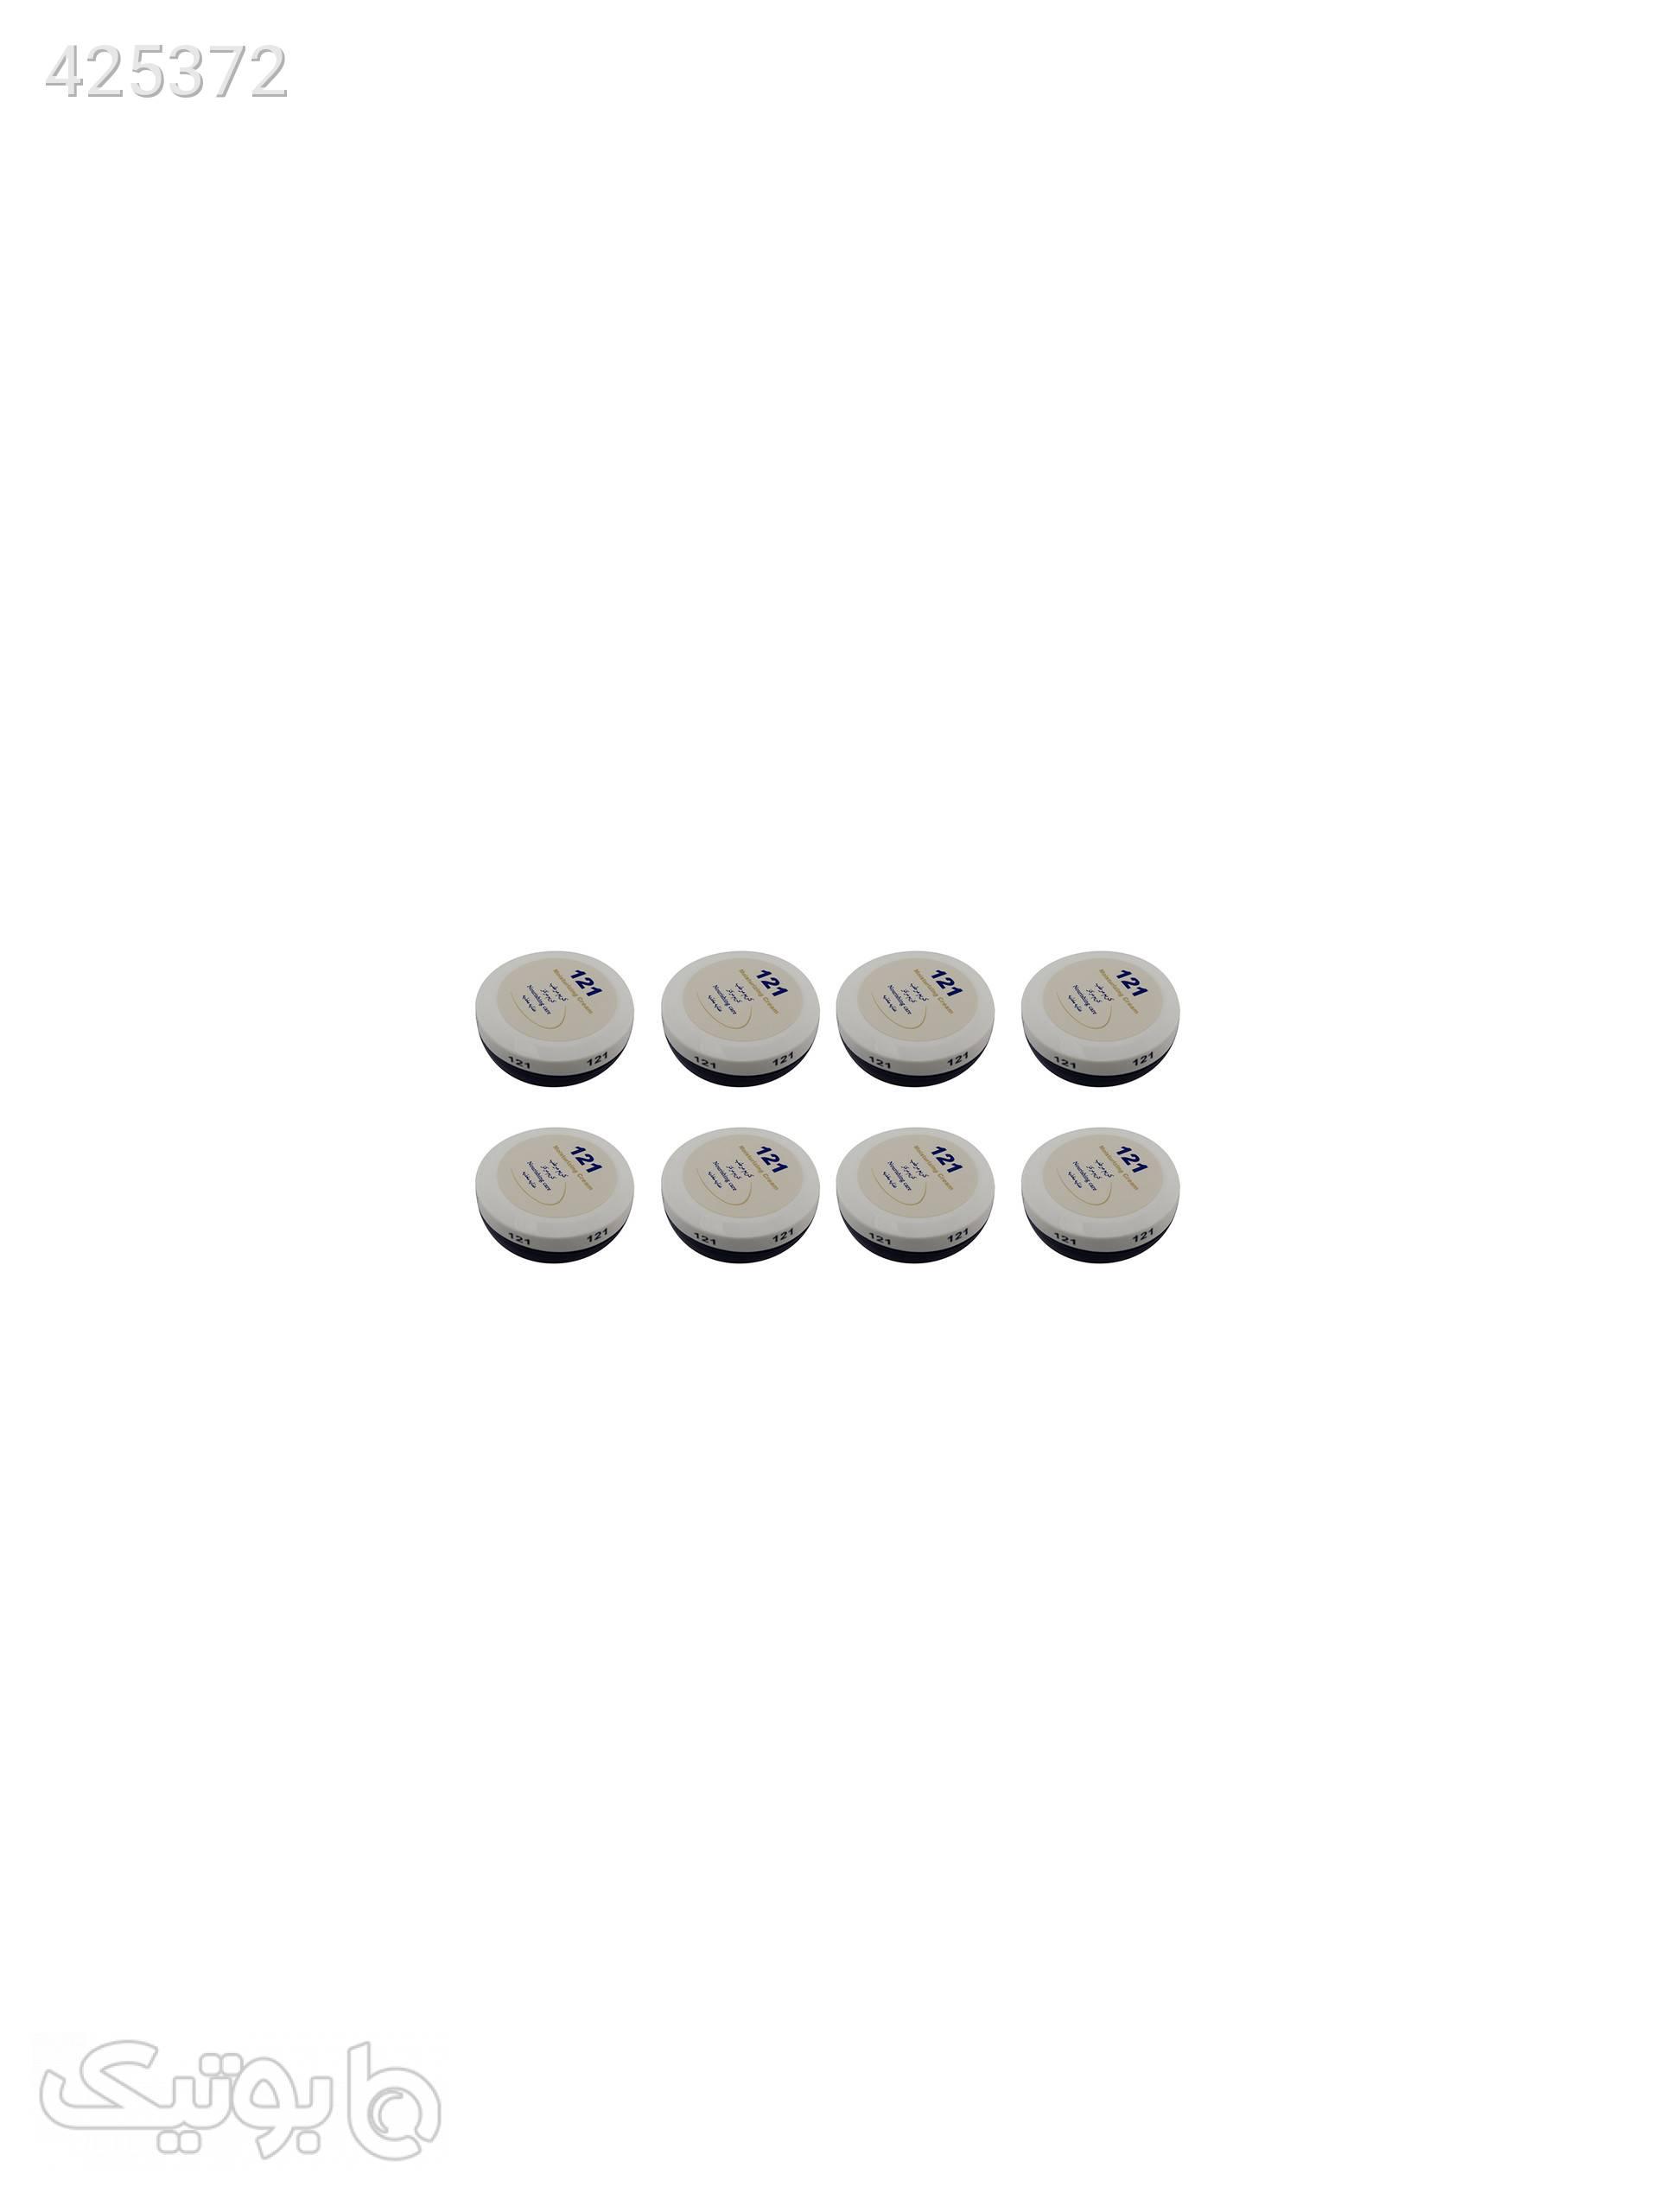 کرم مرطوب کننده 121 مدل A401 حجم 150 ml مجموعه 8 عددی سفید بهداشت و مراقبت پوست